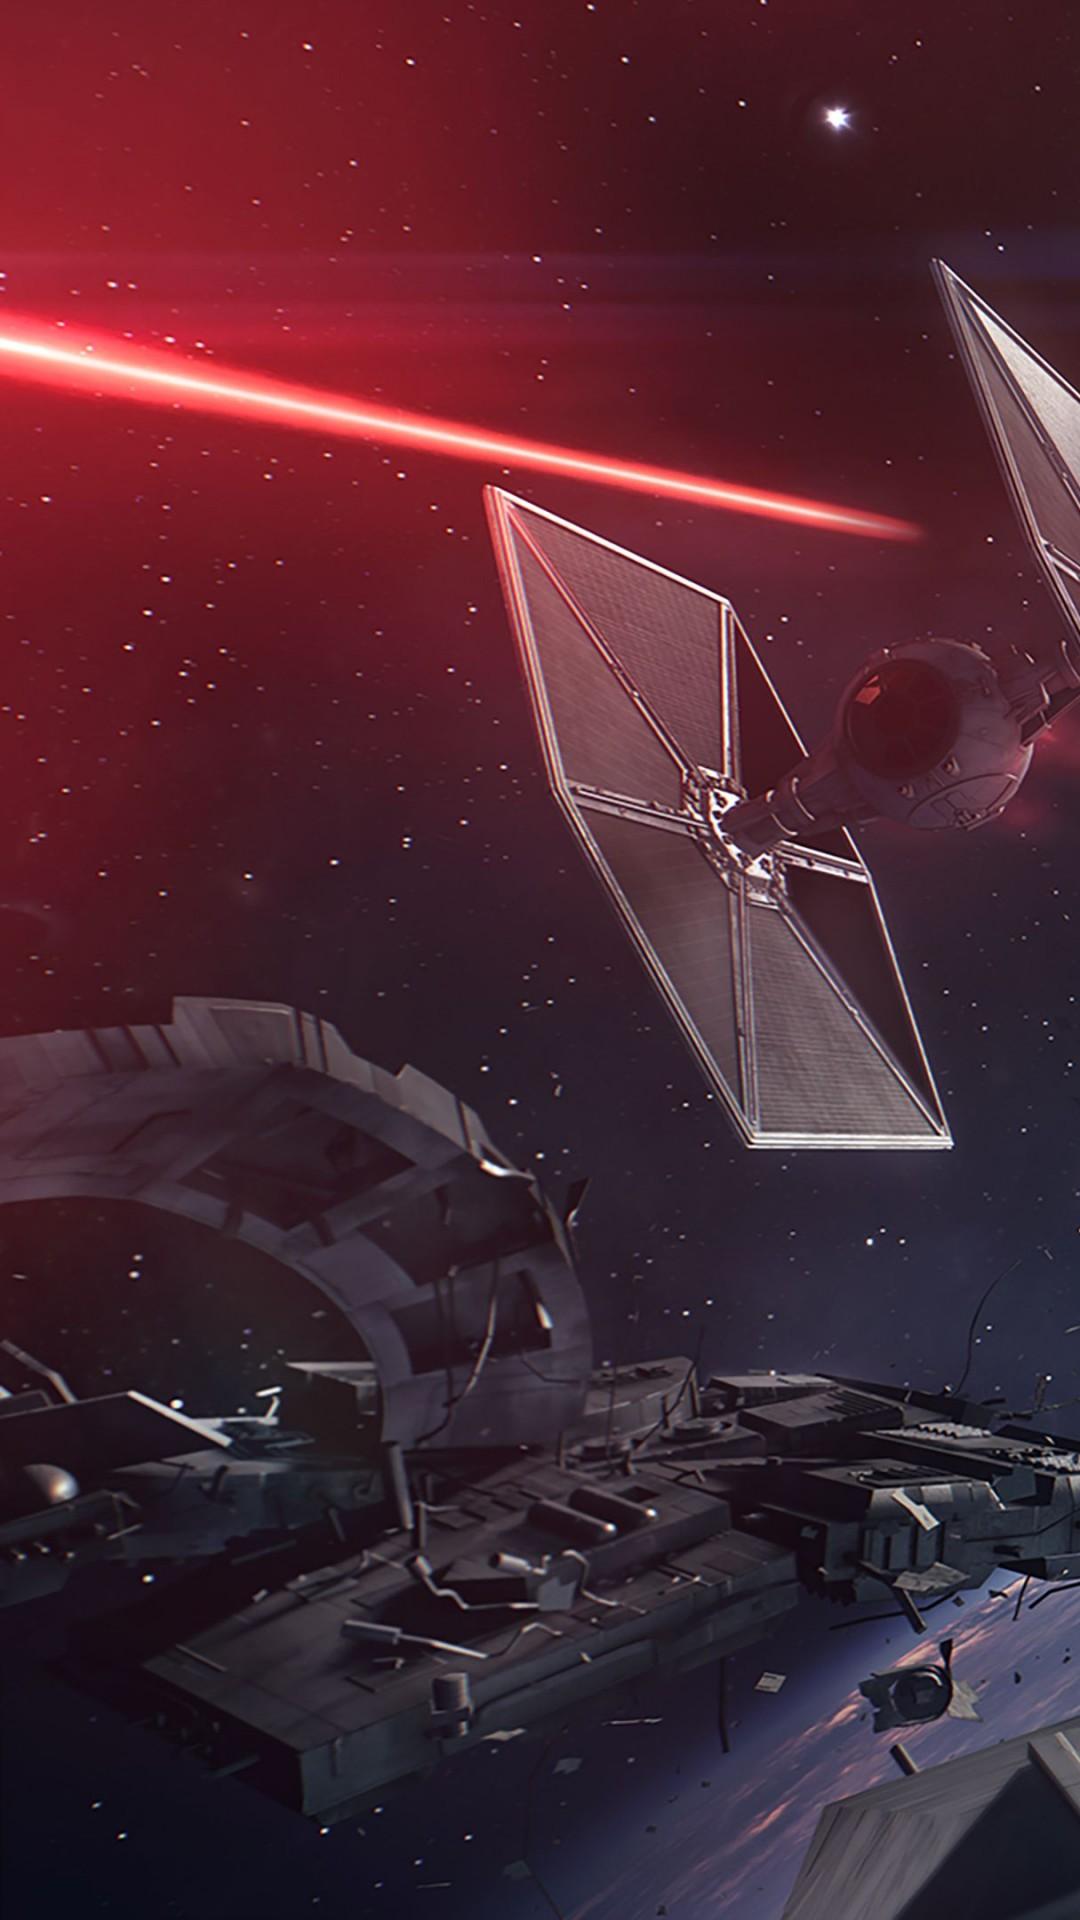 Wallpaper Star Wars Battlefront Ii 4k Screenshot E3